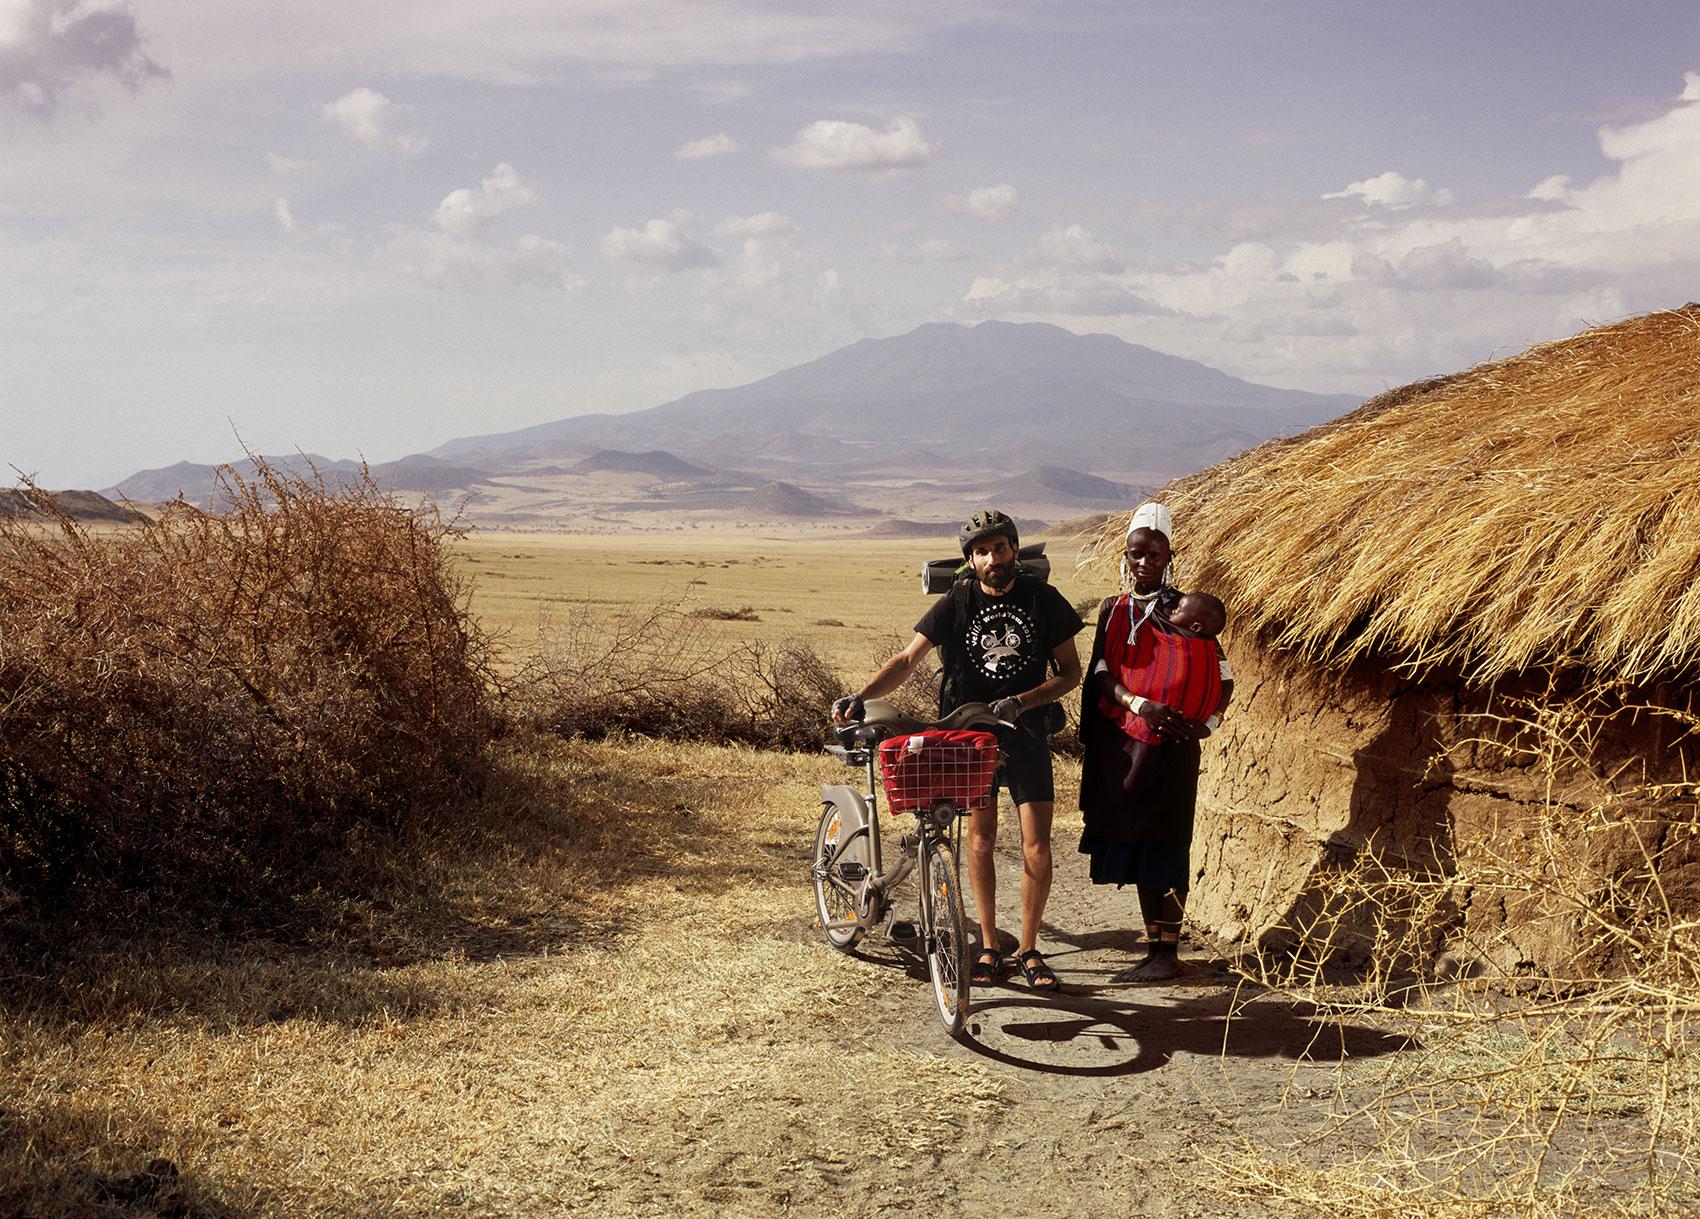 aurelien-dupuis-tour-du-monde-velib-kenya